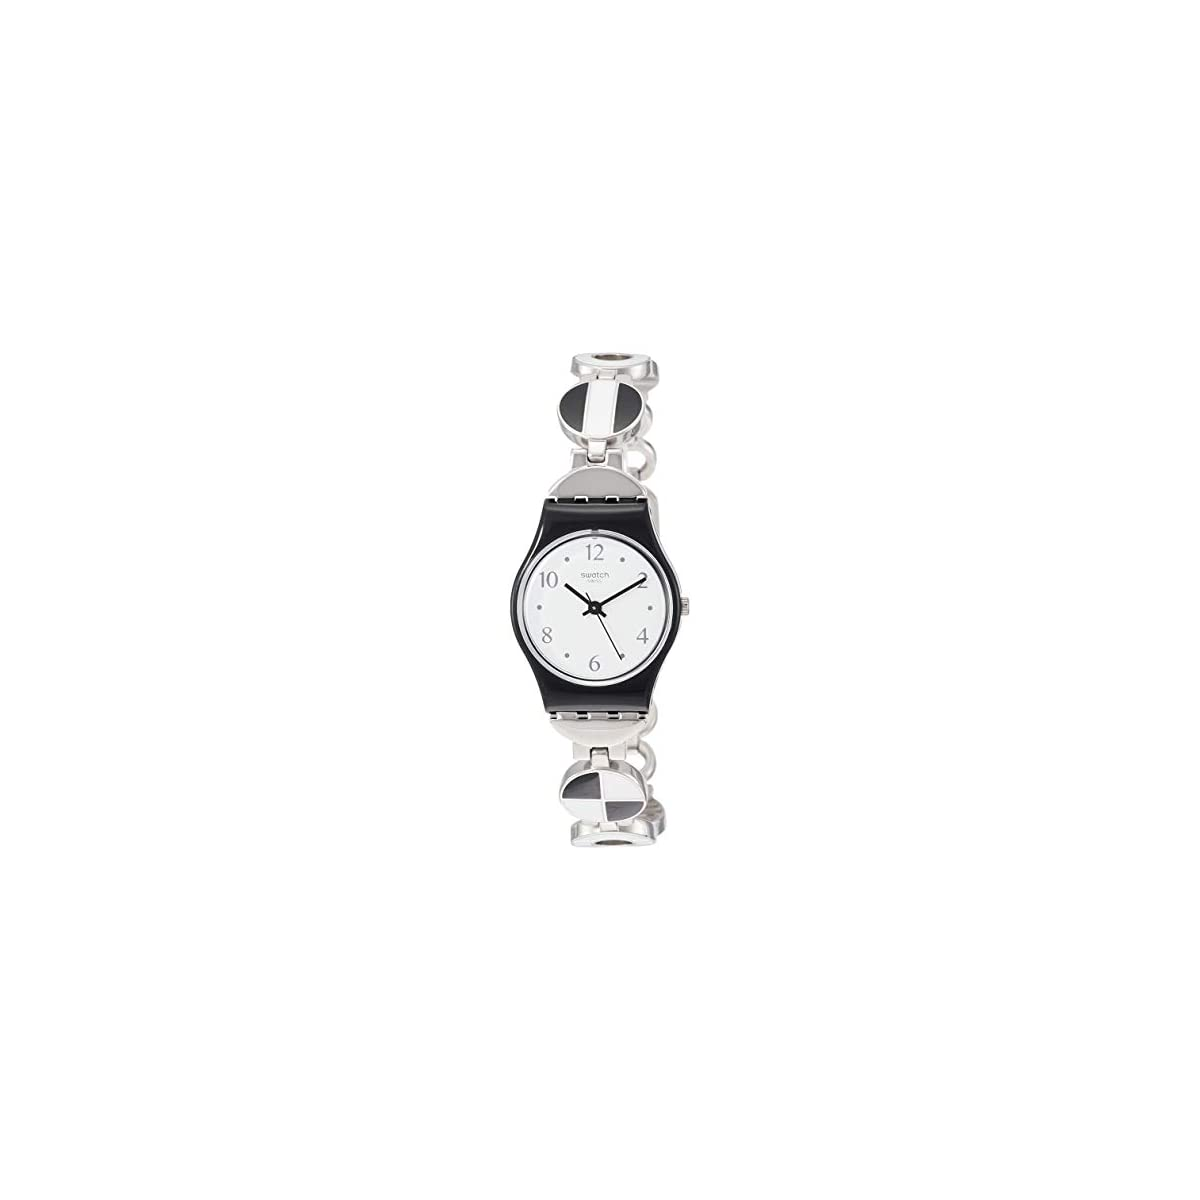 31WDSLYrH0L. SS1200  - Swatch Reloj Analógico para Mujer de Cuarzo con Correa en Acero Inoxidable LB185G